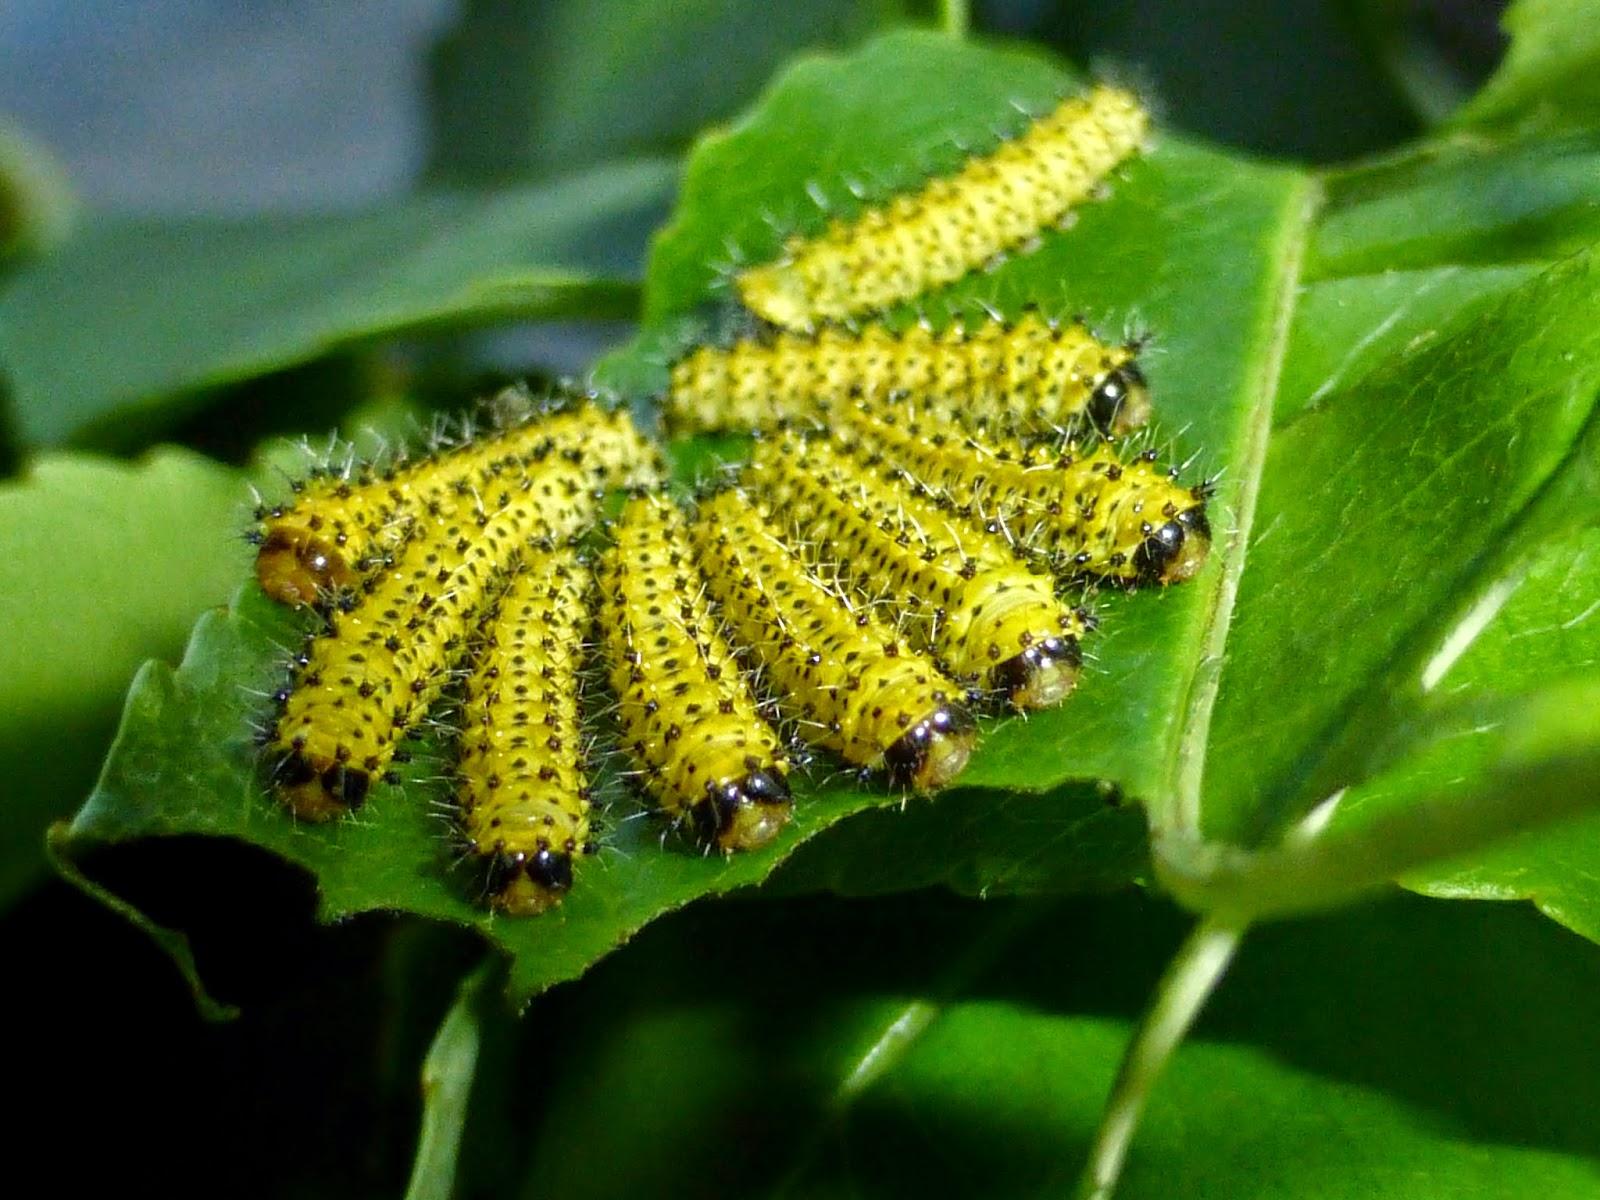 Samia cynthia caterpillar